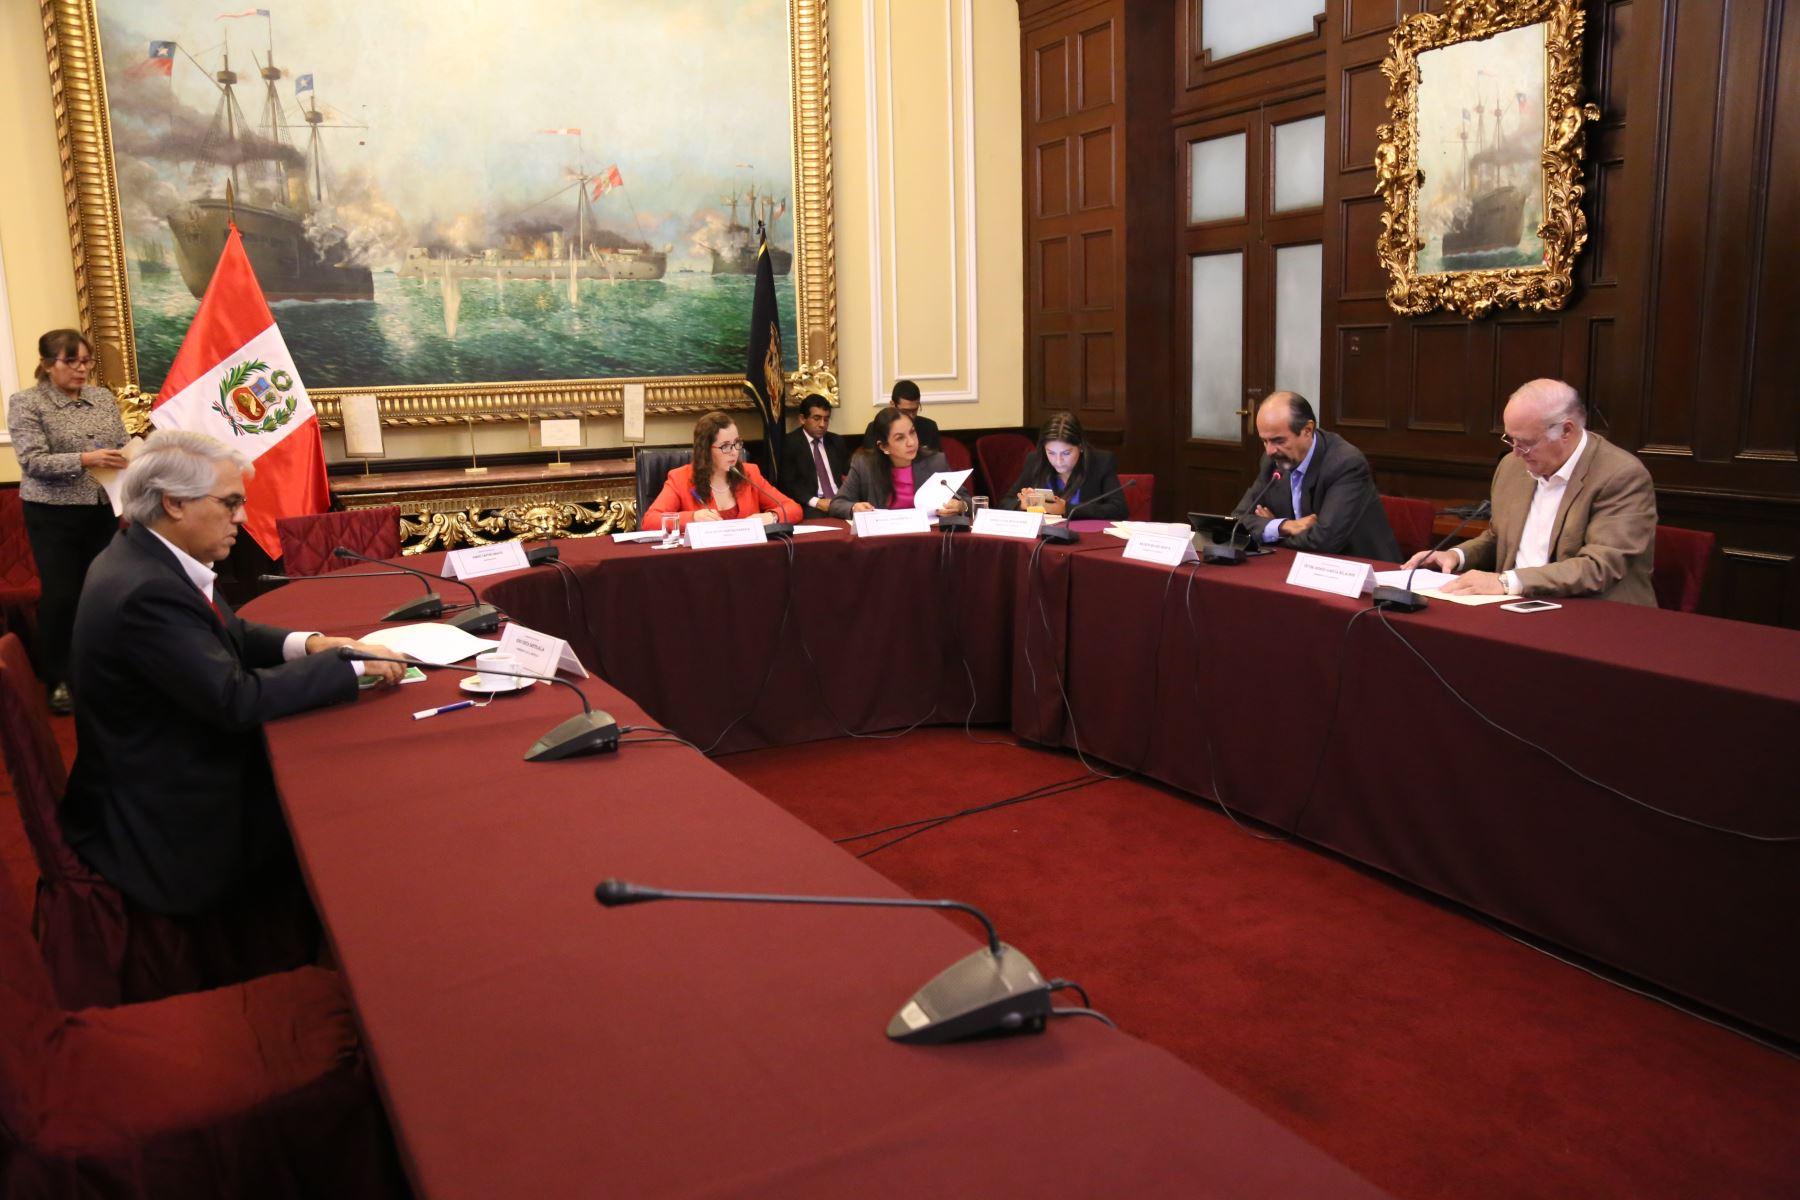 Agenda del Congreso: comisión Lava Jato reanuda sesiones ...